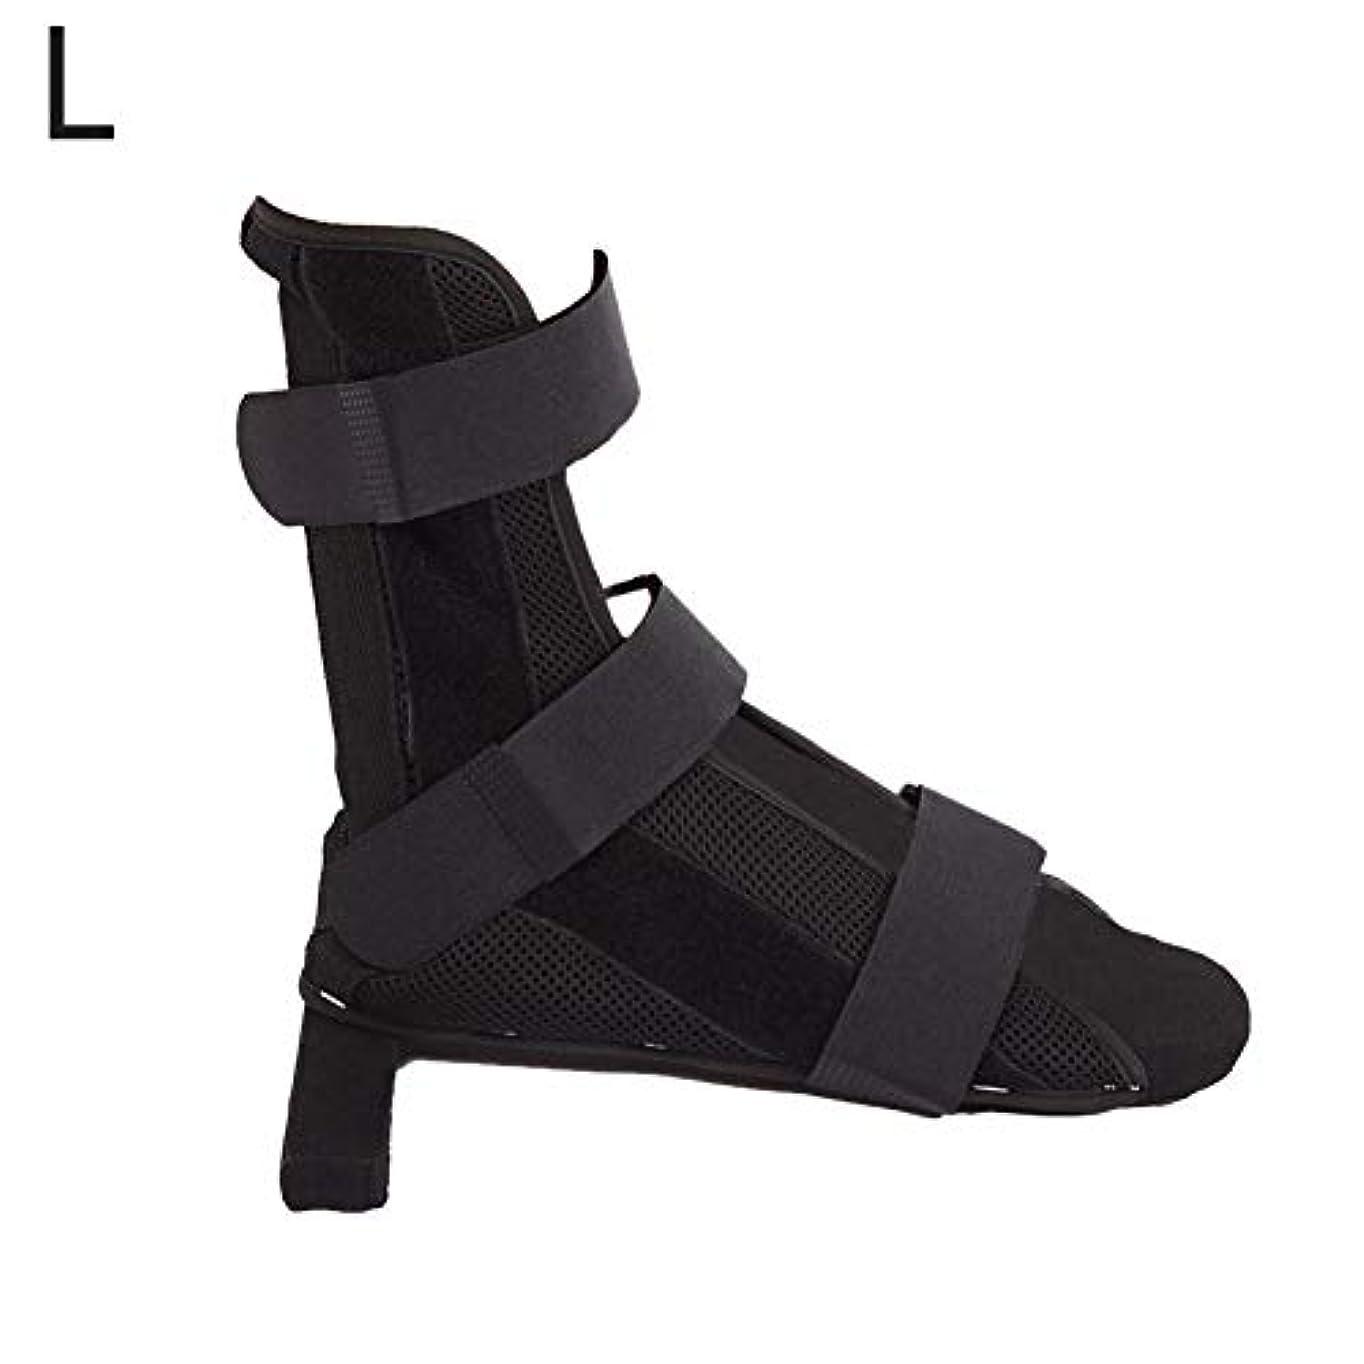 記憶直感こっそり足底筋膜スプリント足の再生のための3枚のプラスチック鋼板痛みの緩和のため整形外科リハビリテーション